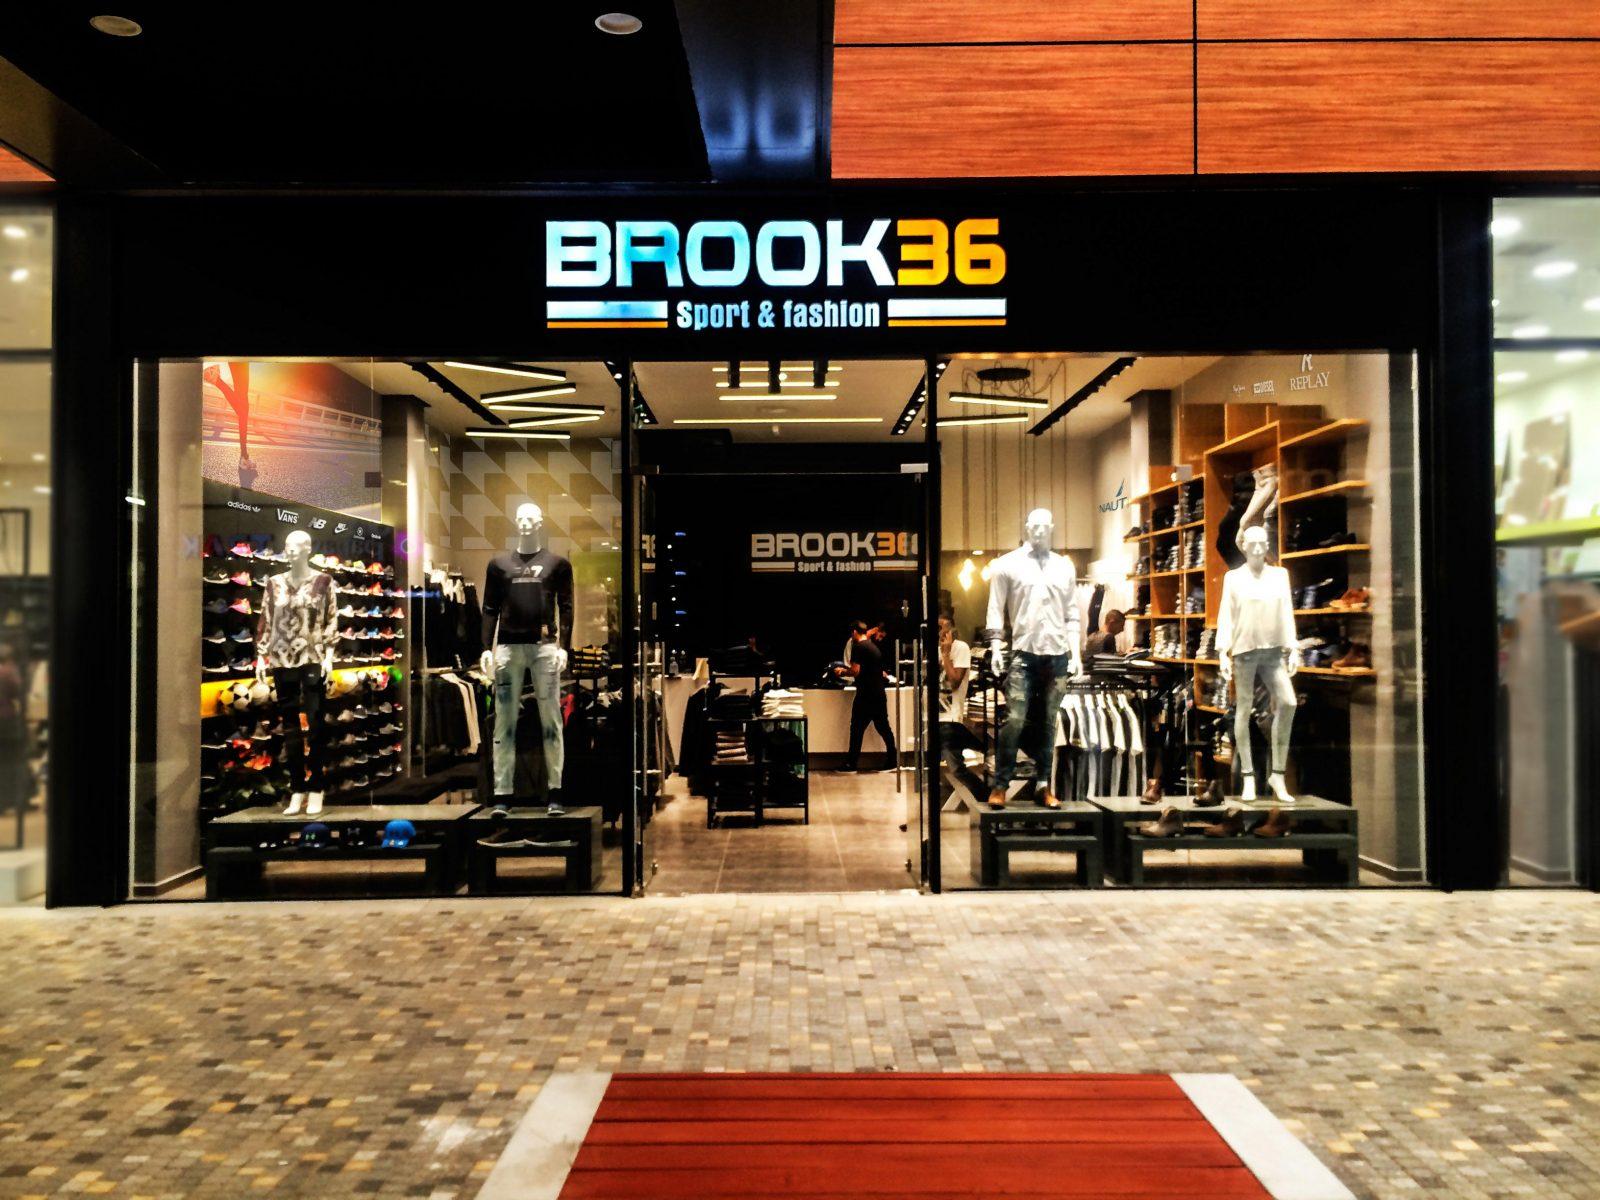 עיצוב חנות brook 36